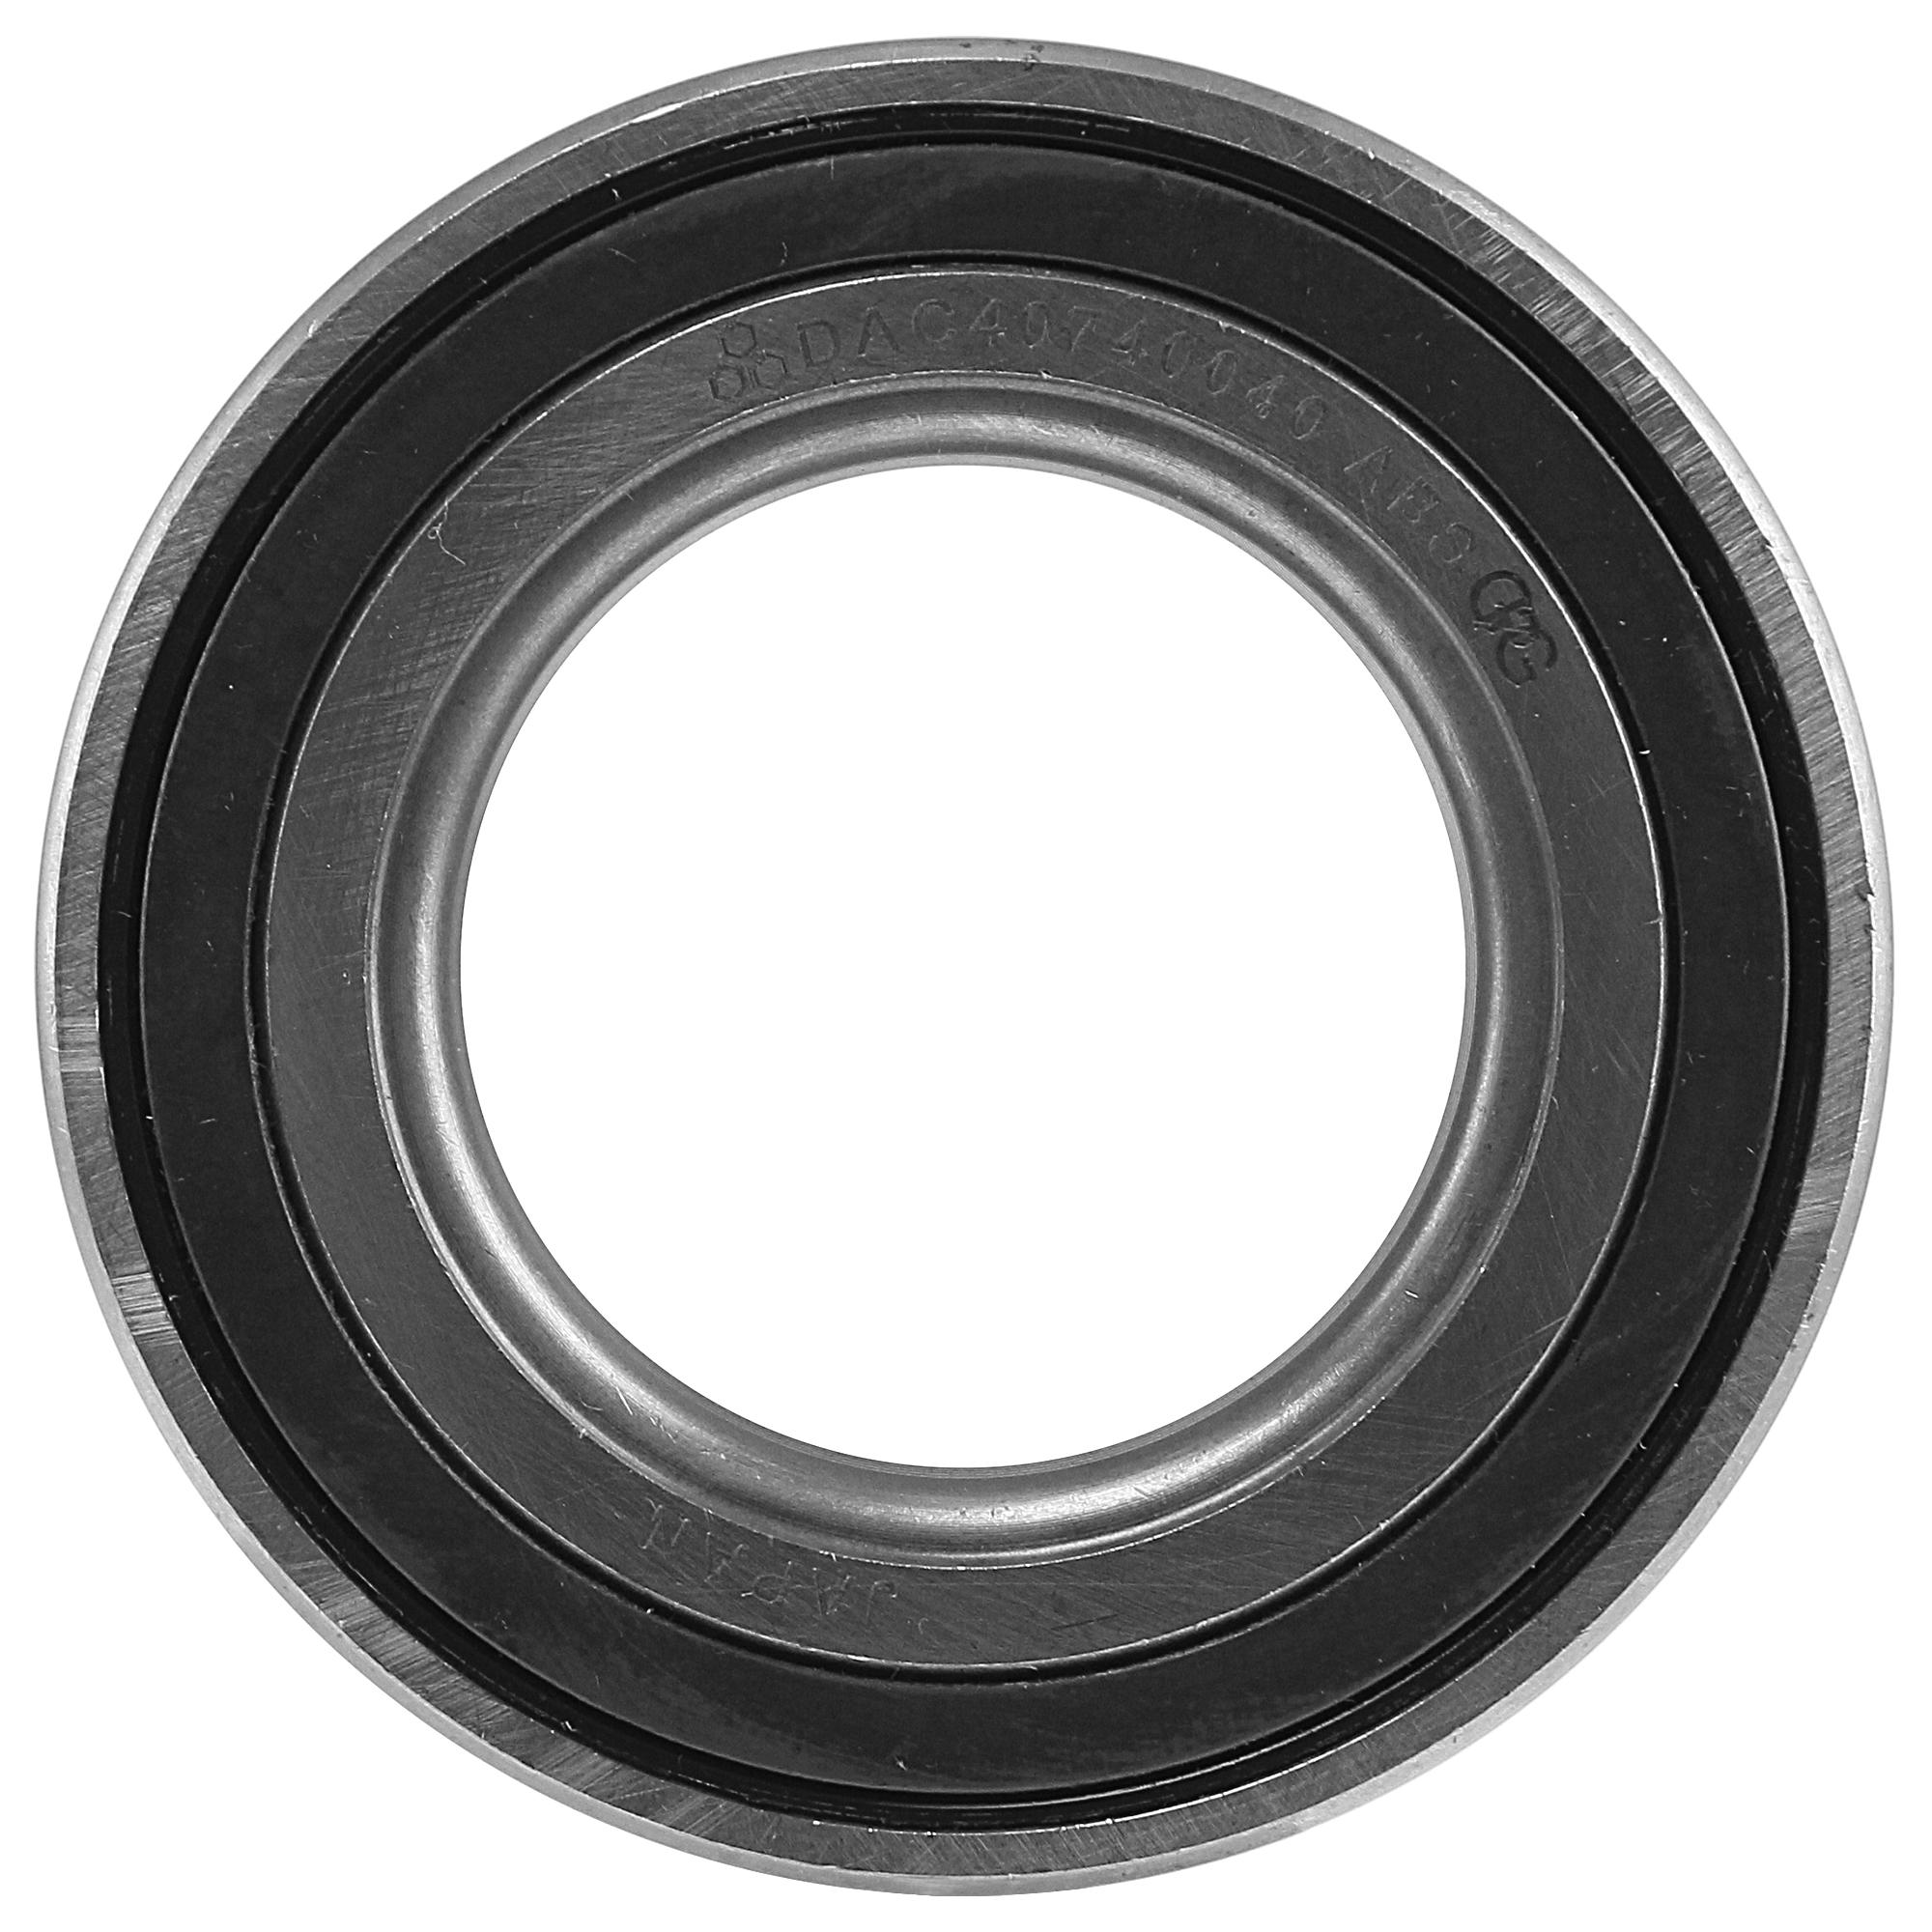 بلبرينگ چرخ جلو جي پي جي مدل 4074 ABS مناسب براي برليانس